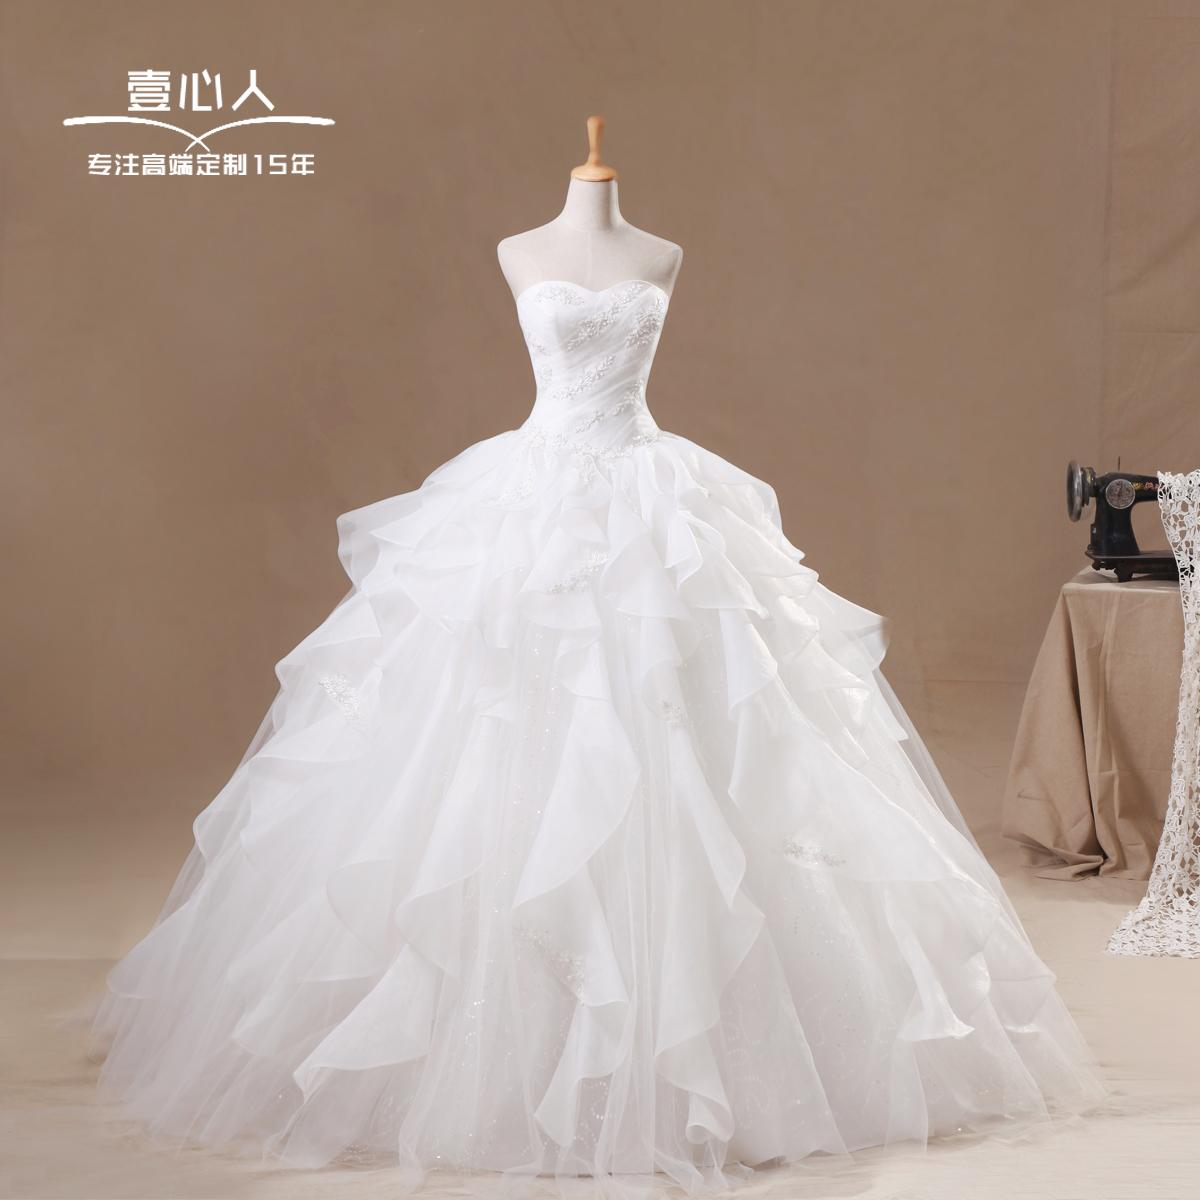 婚纱礼服最新款2013 时尚韩版抹胸公主甜美新娘蓬蓬裙绑带婚纱